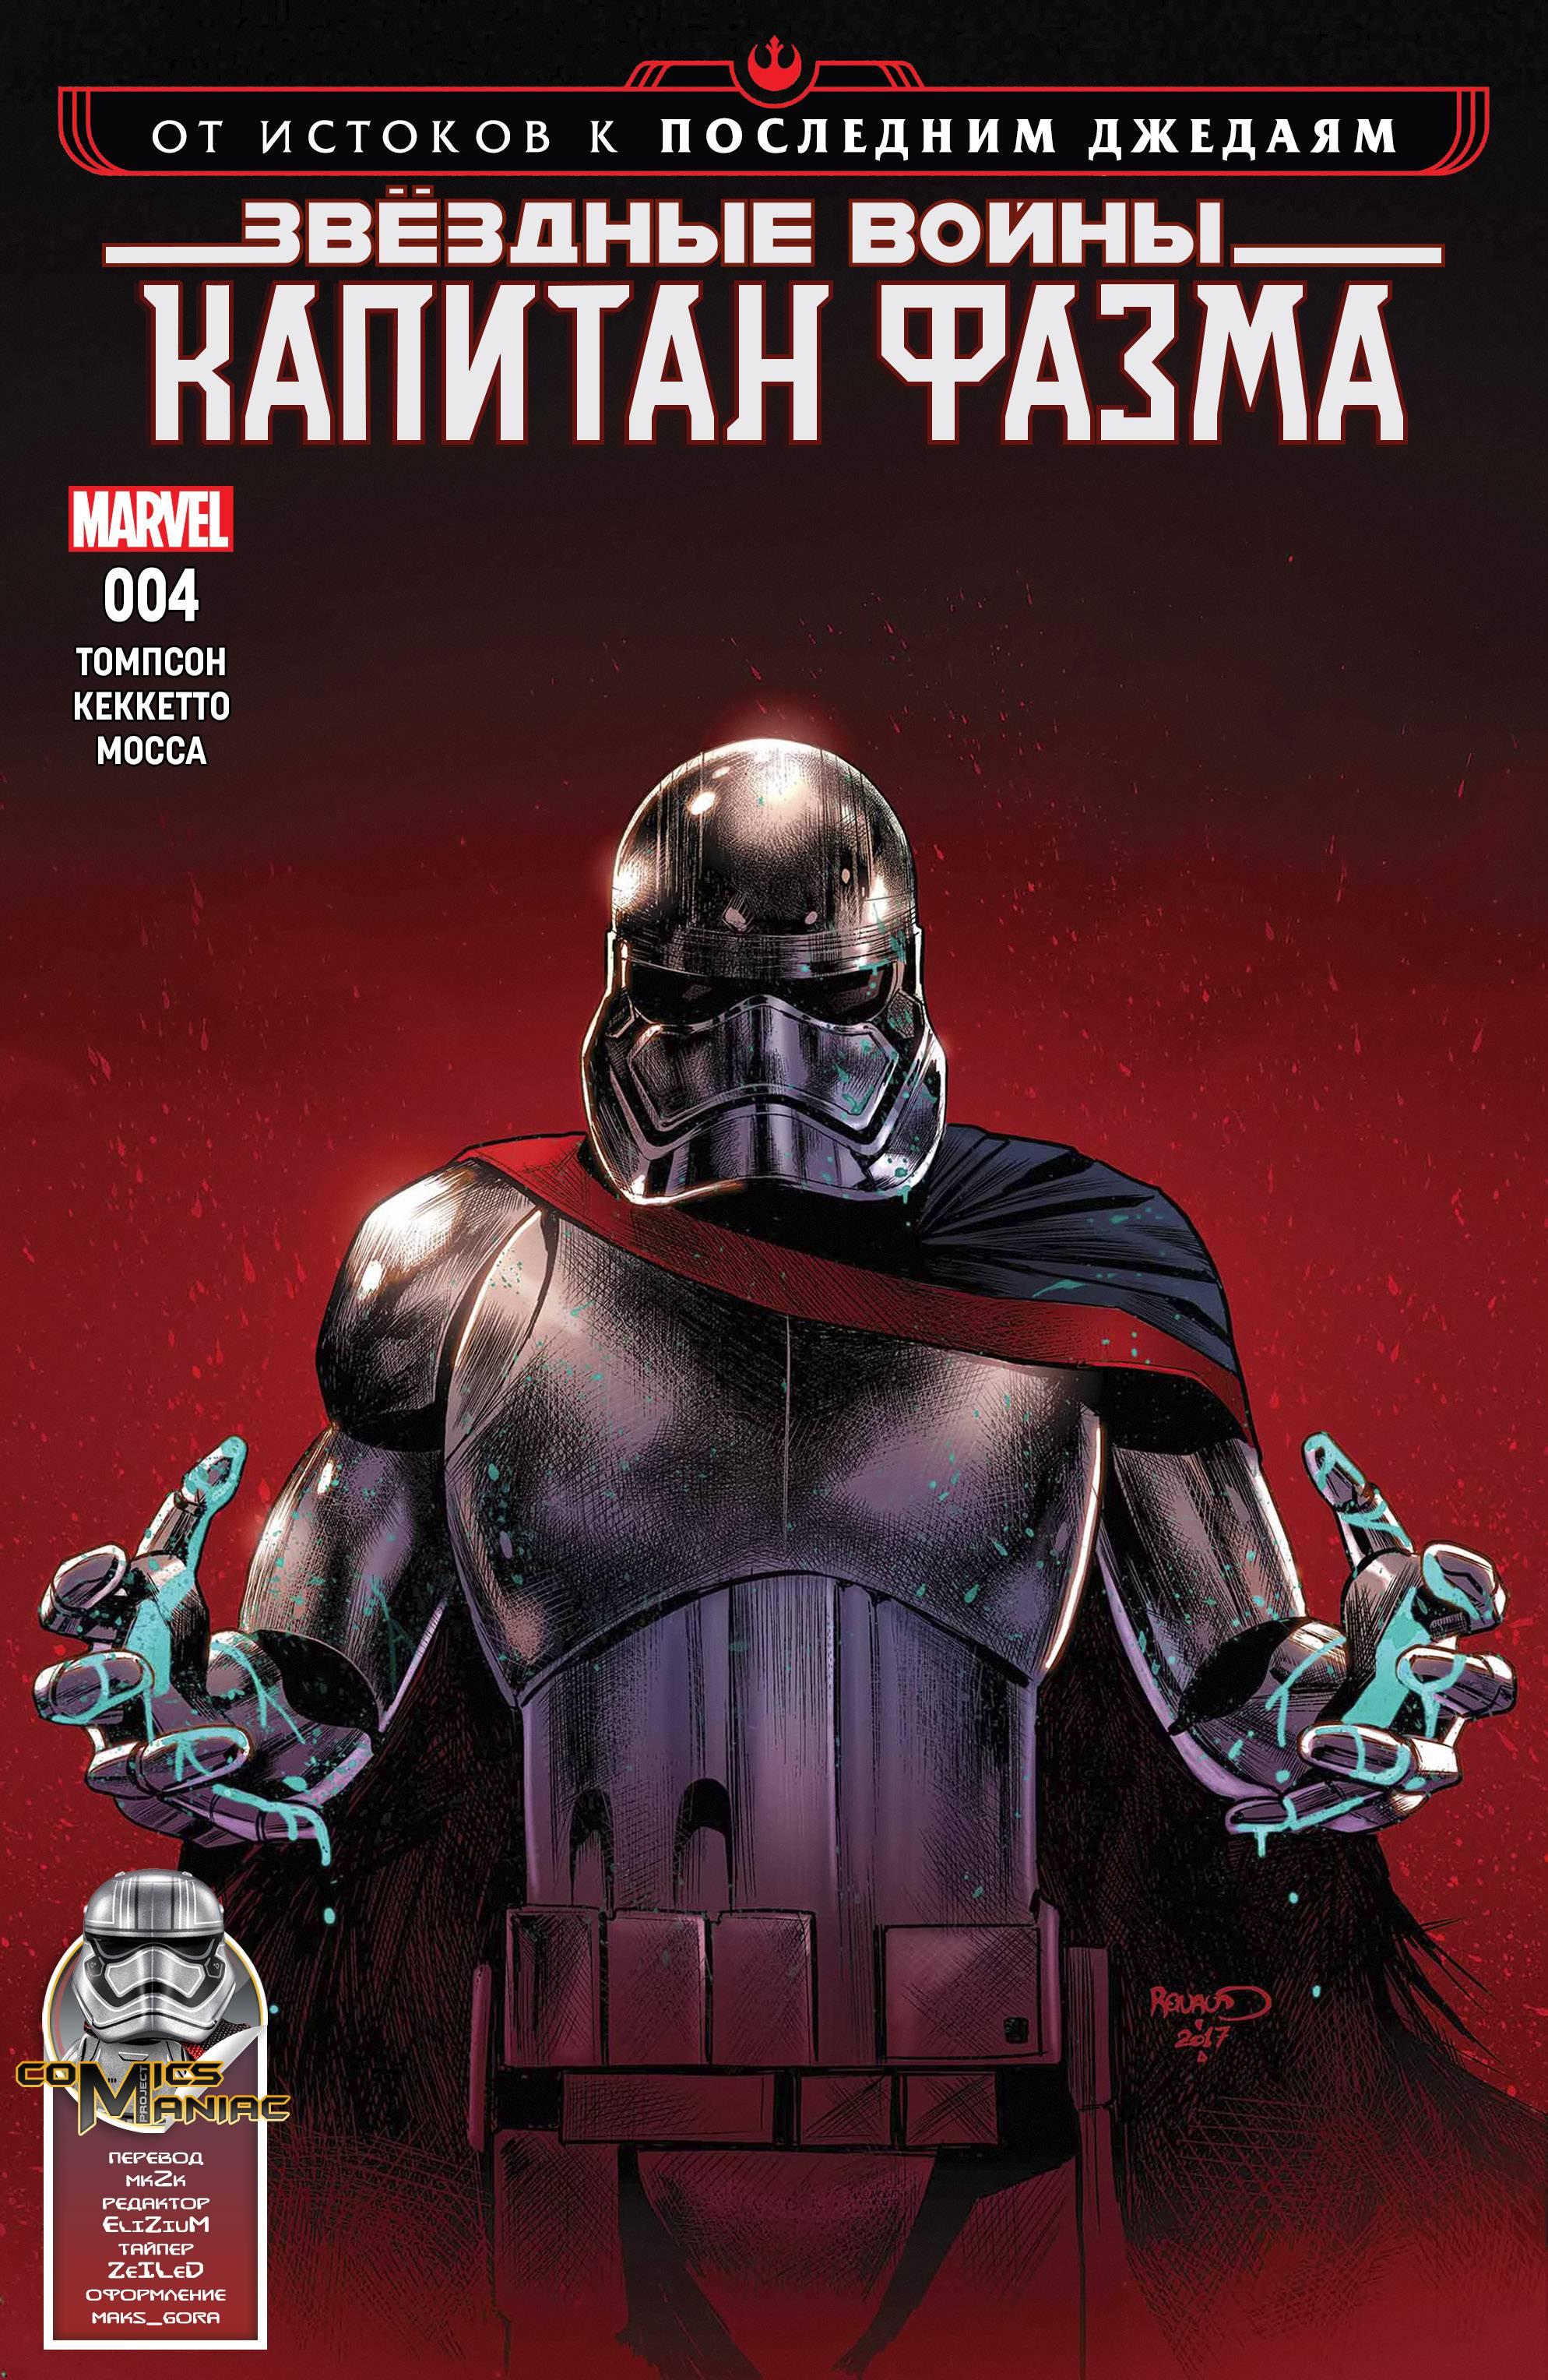 Звездные Войны: Капитан Фантазма №4 онлайн